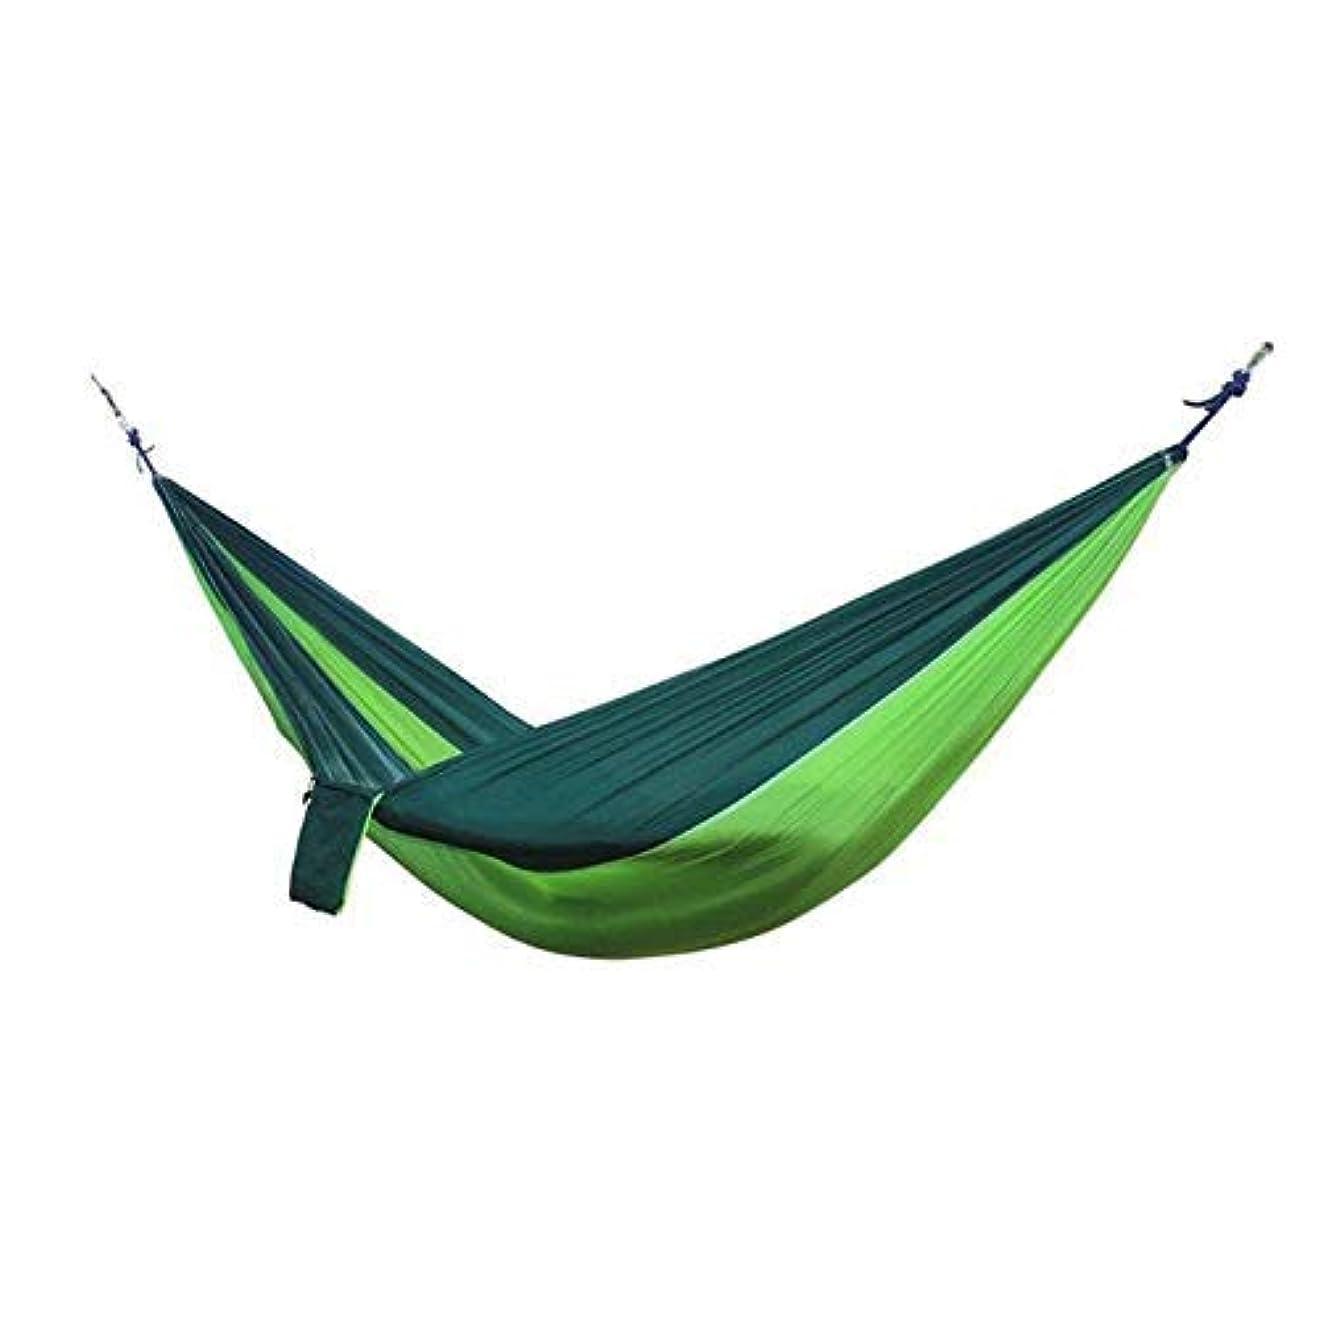 会員地区額プールイエローグリーンポータブルハンモックチェアキャンプハングは屋外ベッドハンギングベッドスイングスリーピングマットスイングハンギング